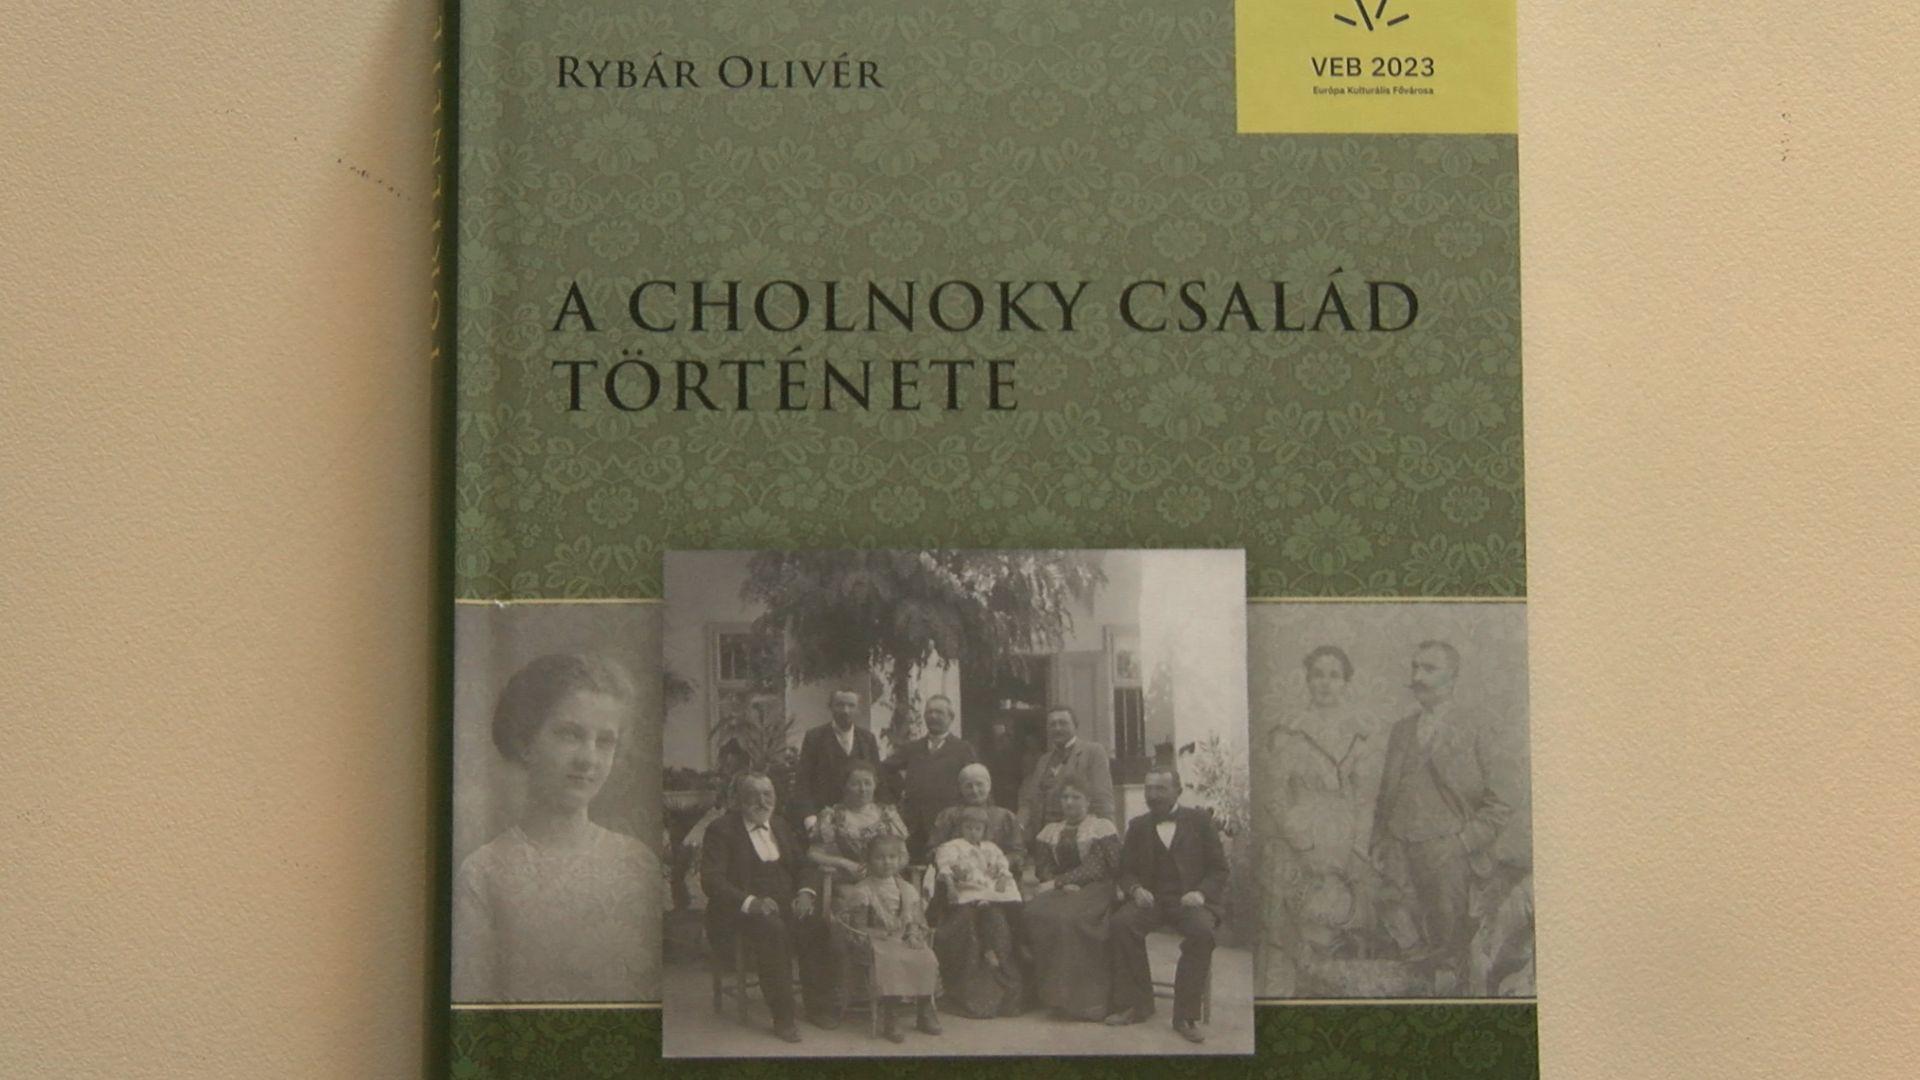 Új könyv a Cholnoky családról